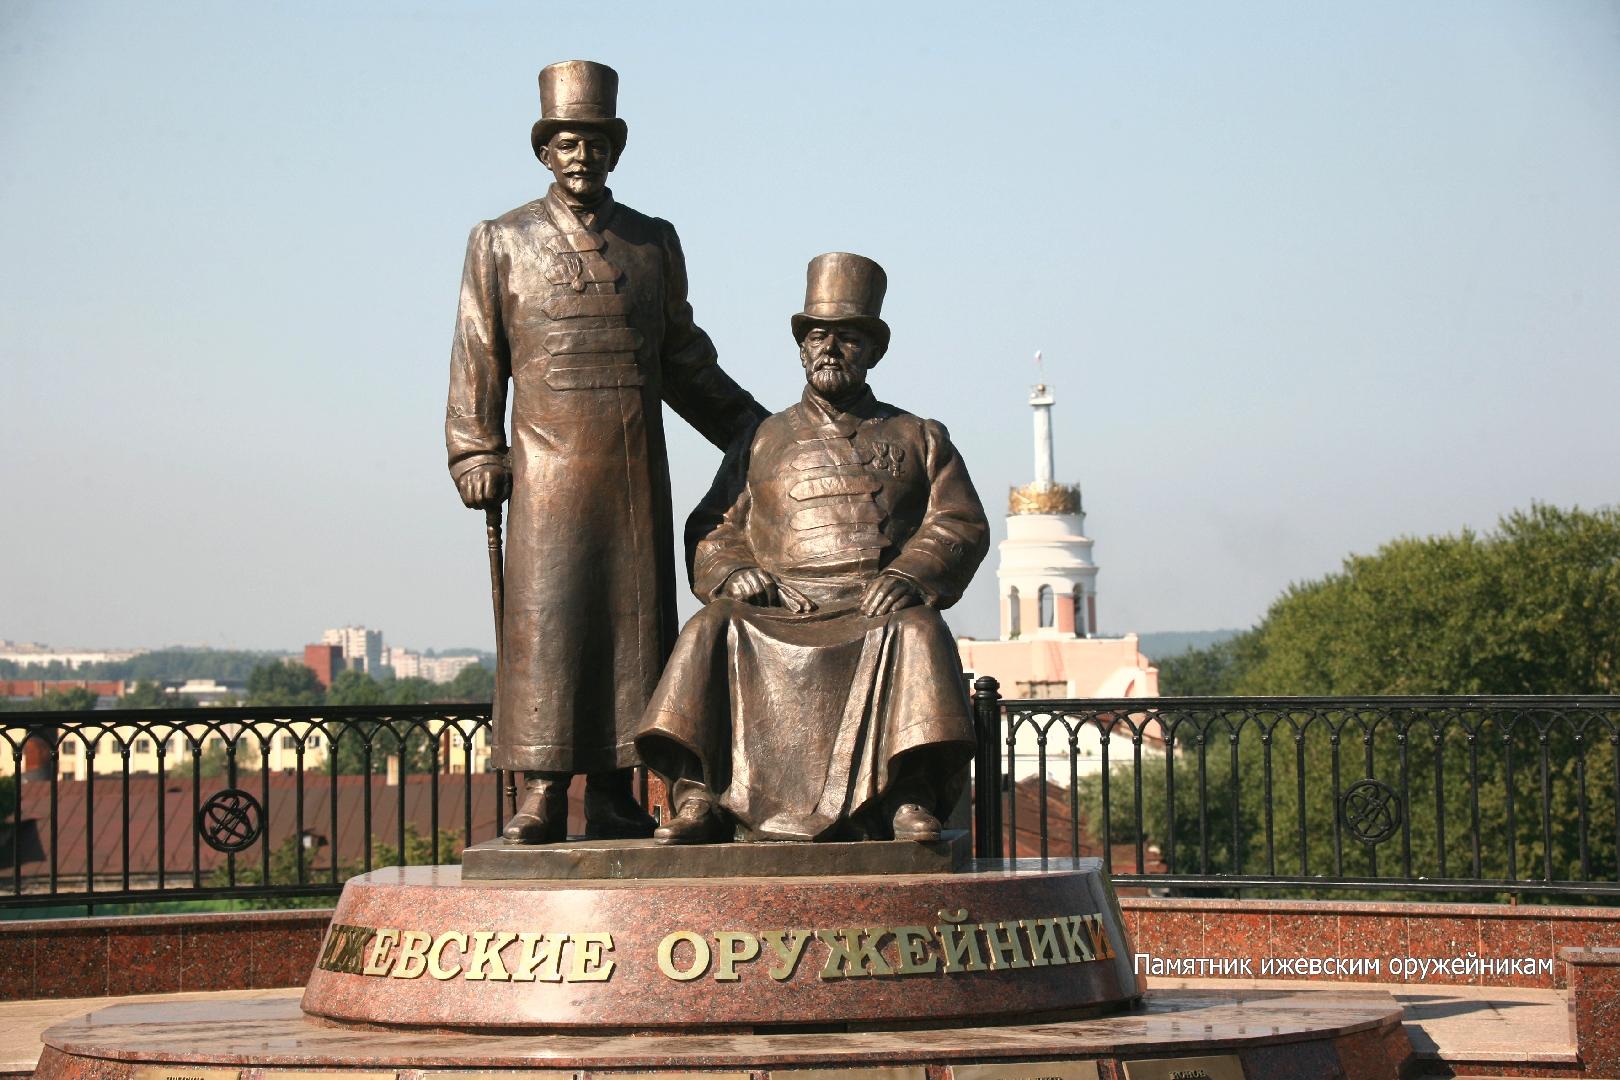 Памятник Оружейникам в Ижевске